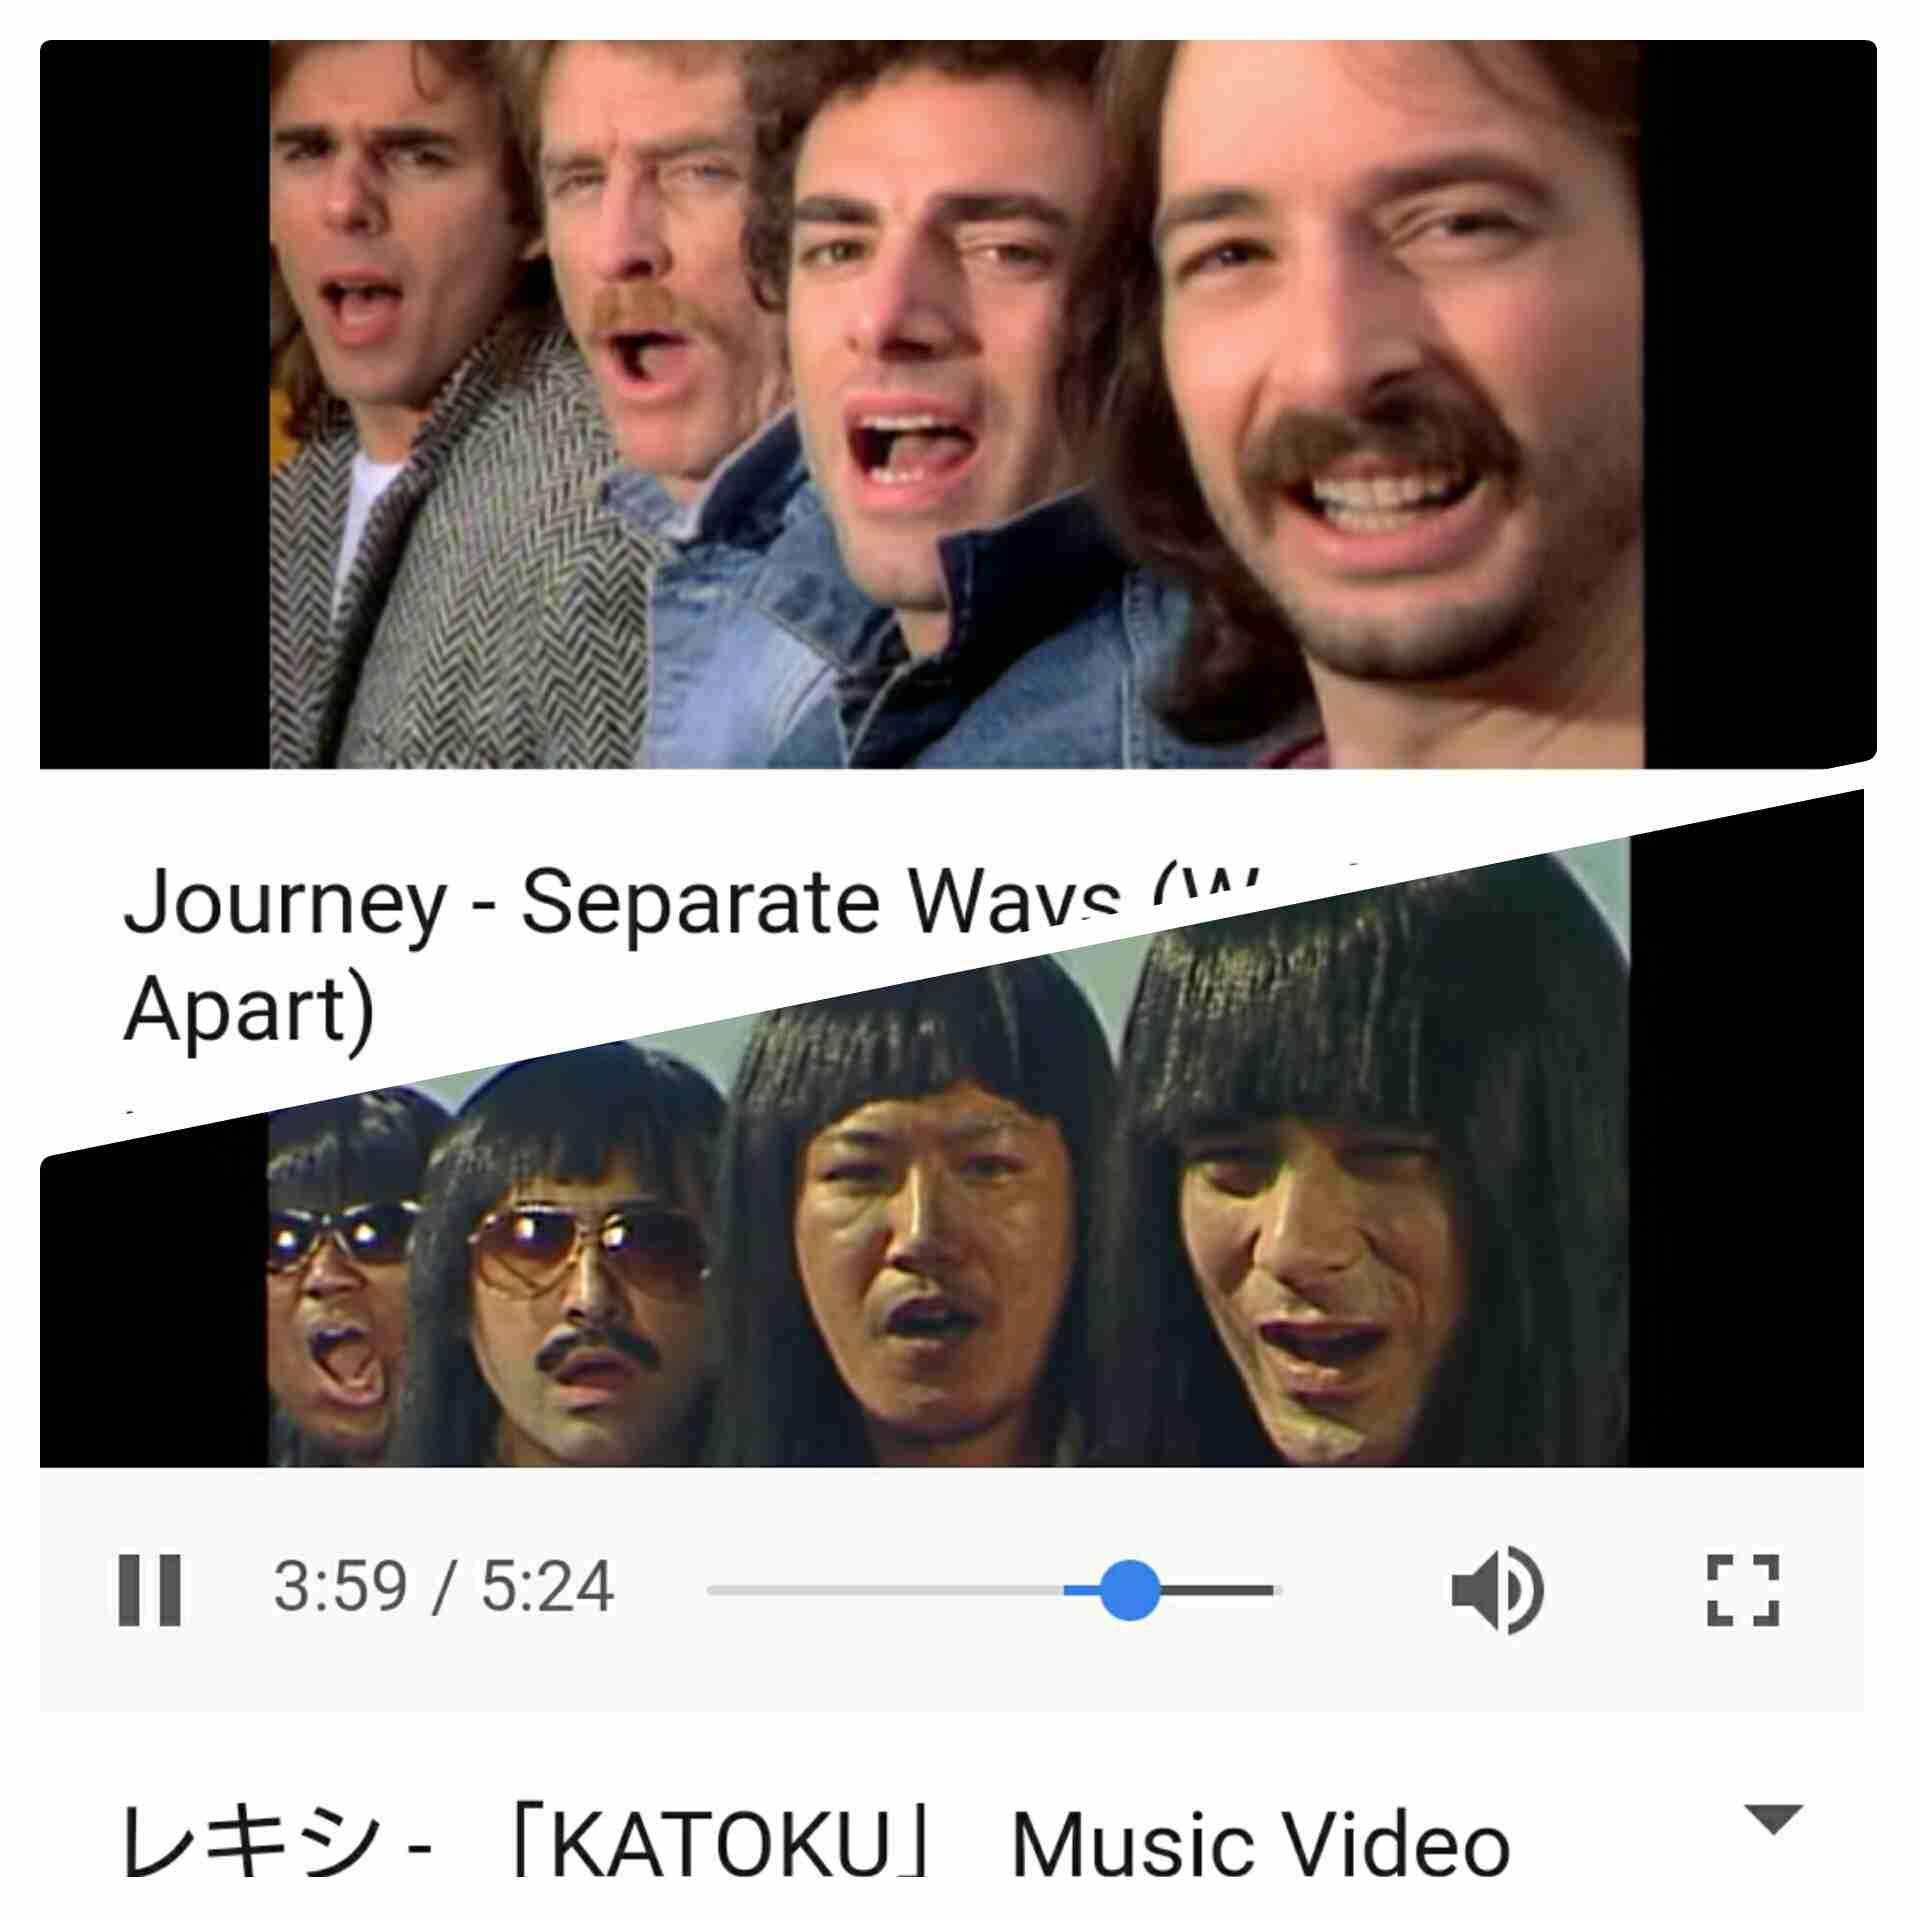 好きなミュージックビデオ